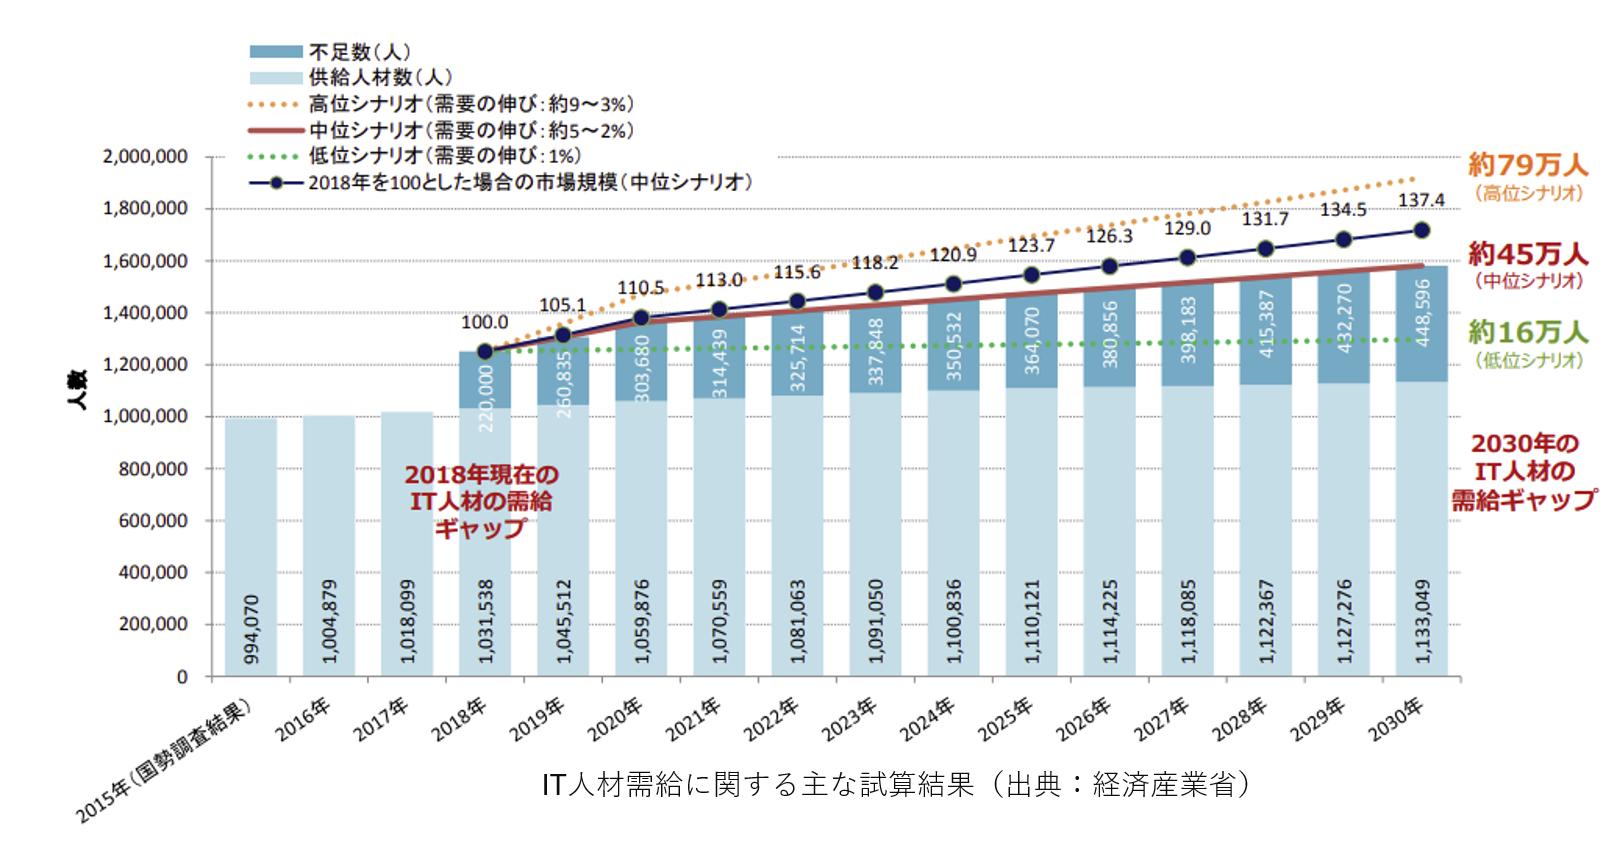 IT人材需給に関する主な試算結果(出典:経済産業省)